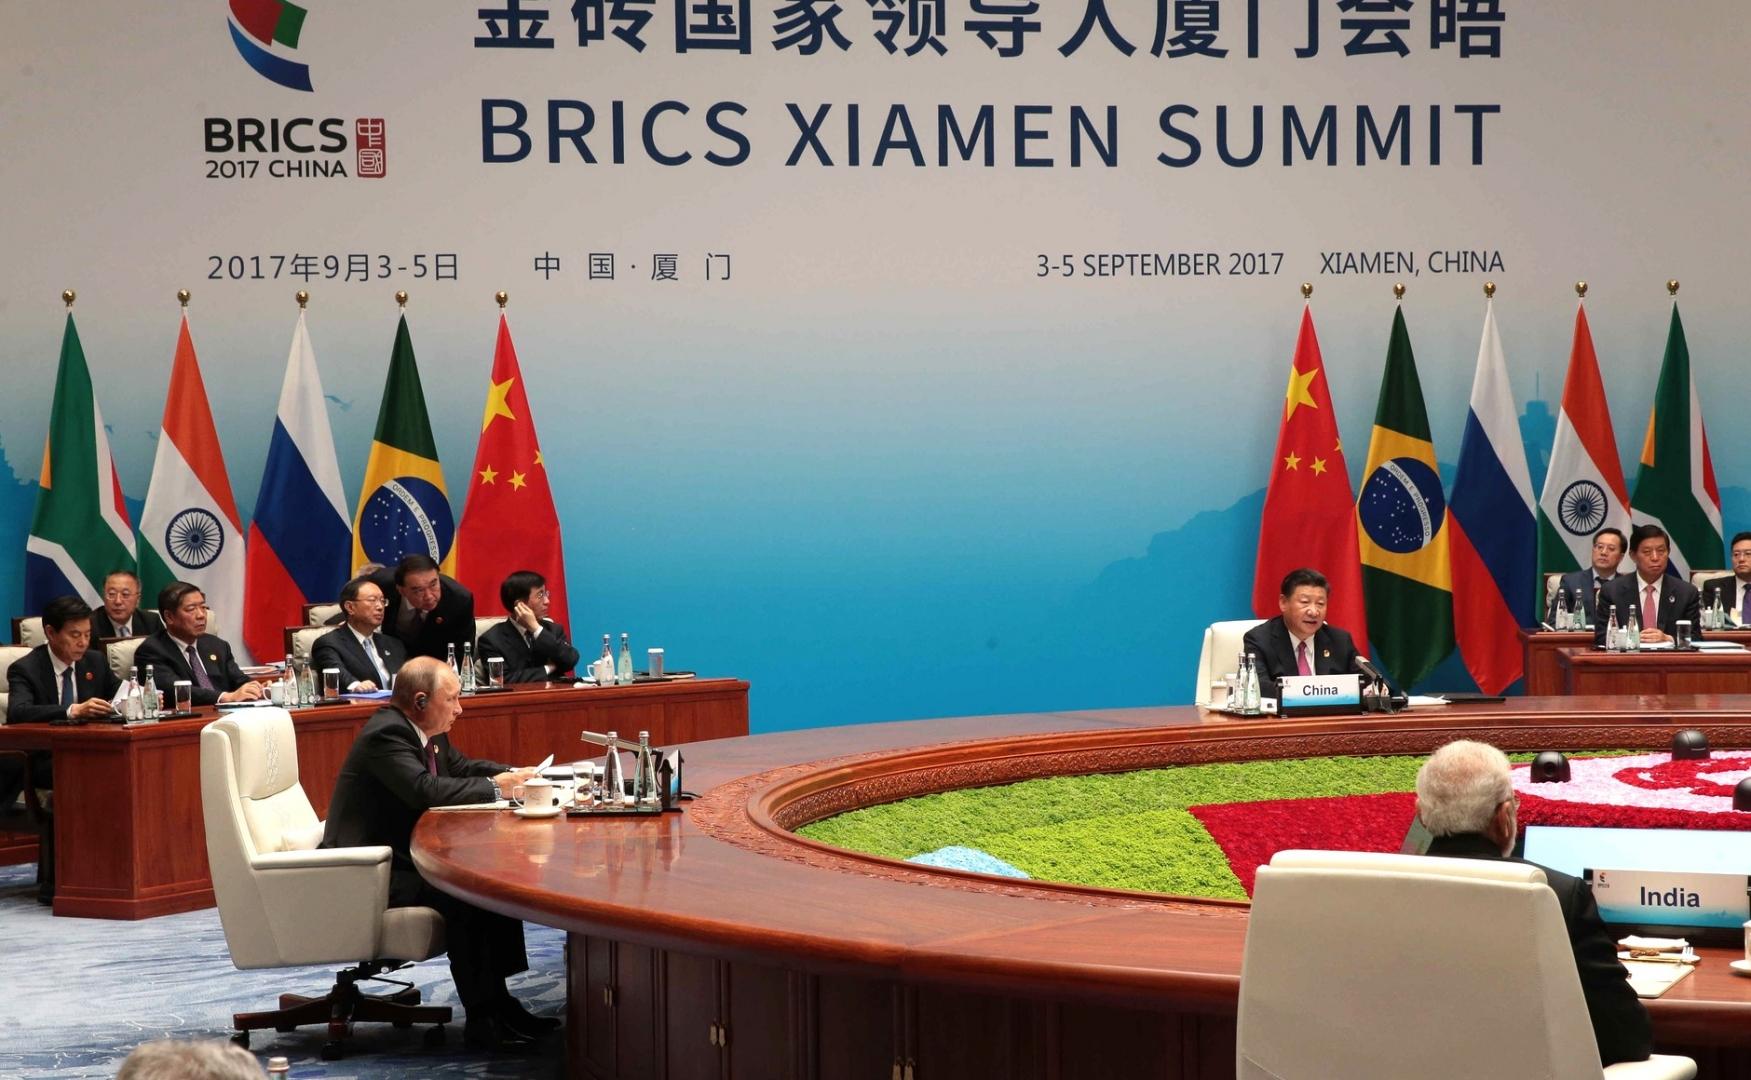 Встреча лидеров БРИКС в расширенном составе. Сямэнь, 4 сентября 2017 года